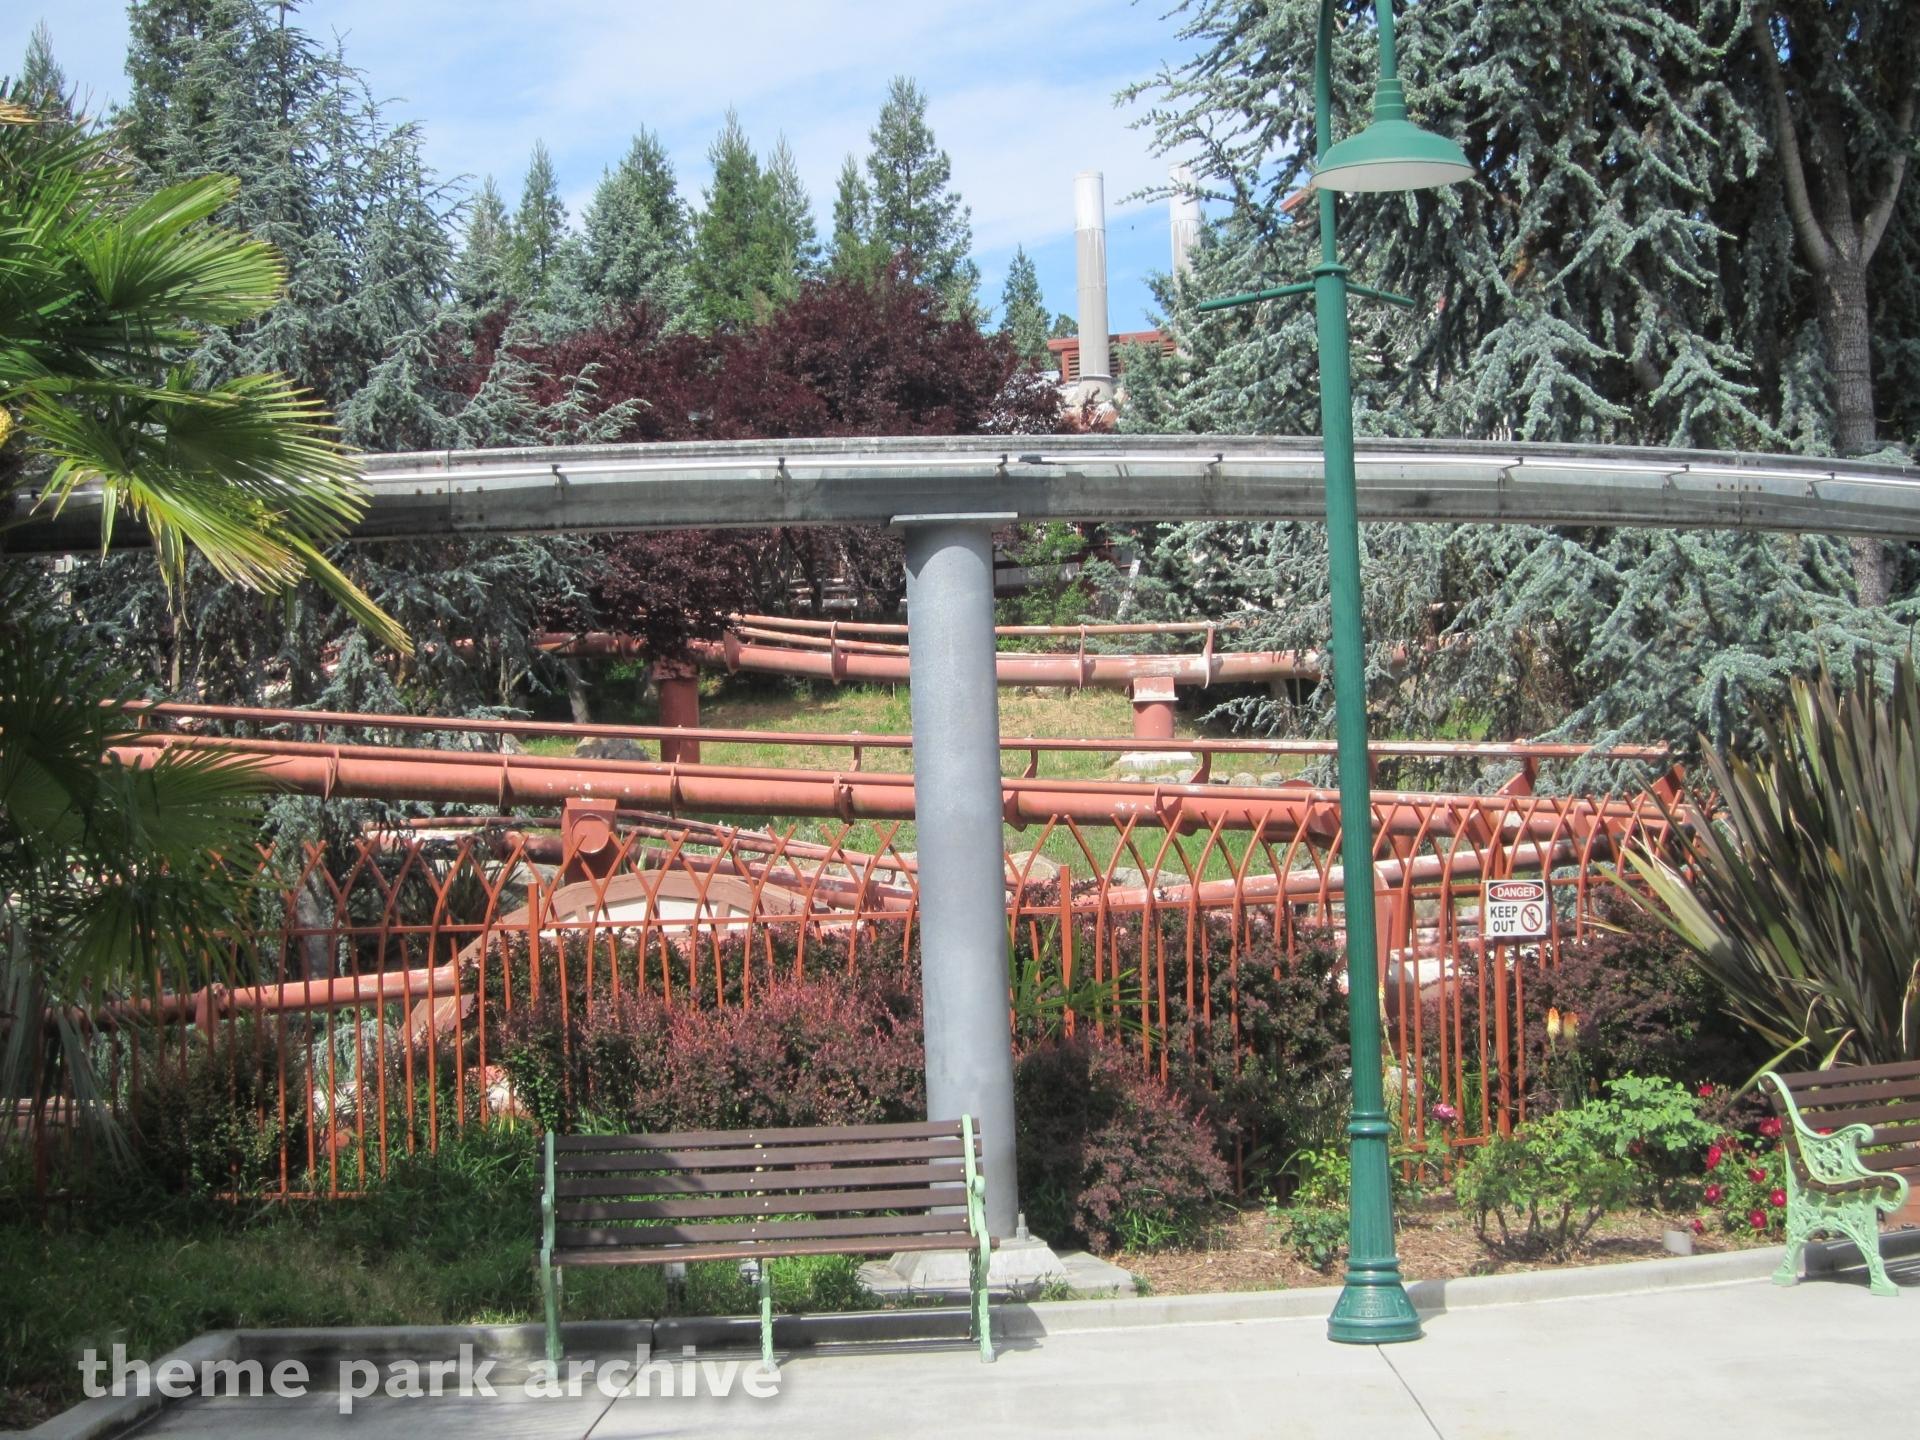 Quicksilver Express at Gilroy Gardens